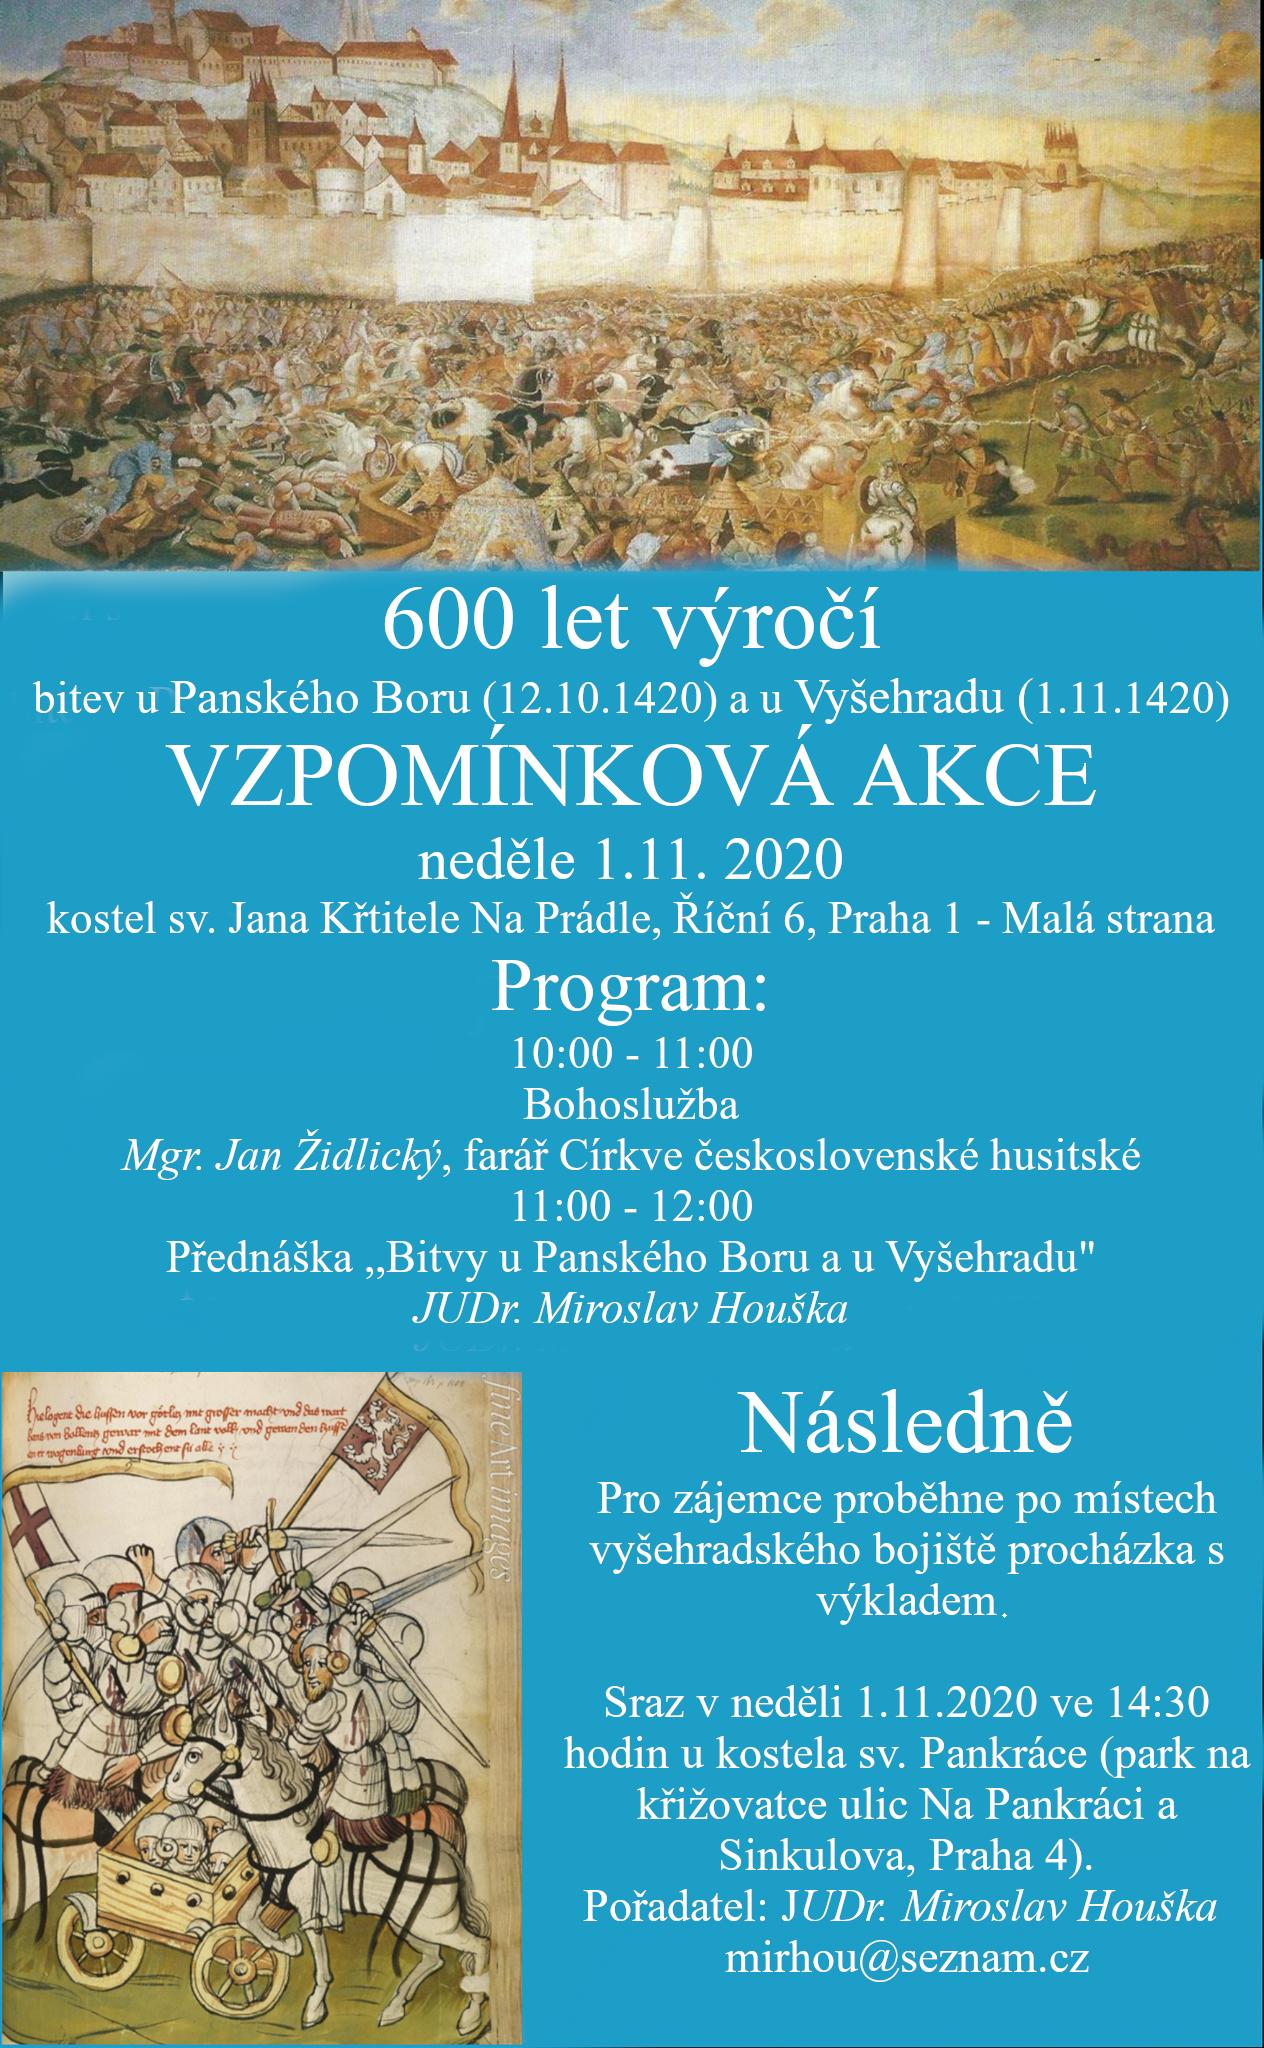 Neděle 1.11.2020 od 11:00 přednáška Bitvy u Vyšehradu a u Panského Boru. JUDr. Miroslav Houška.